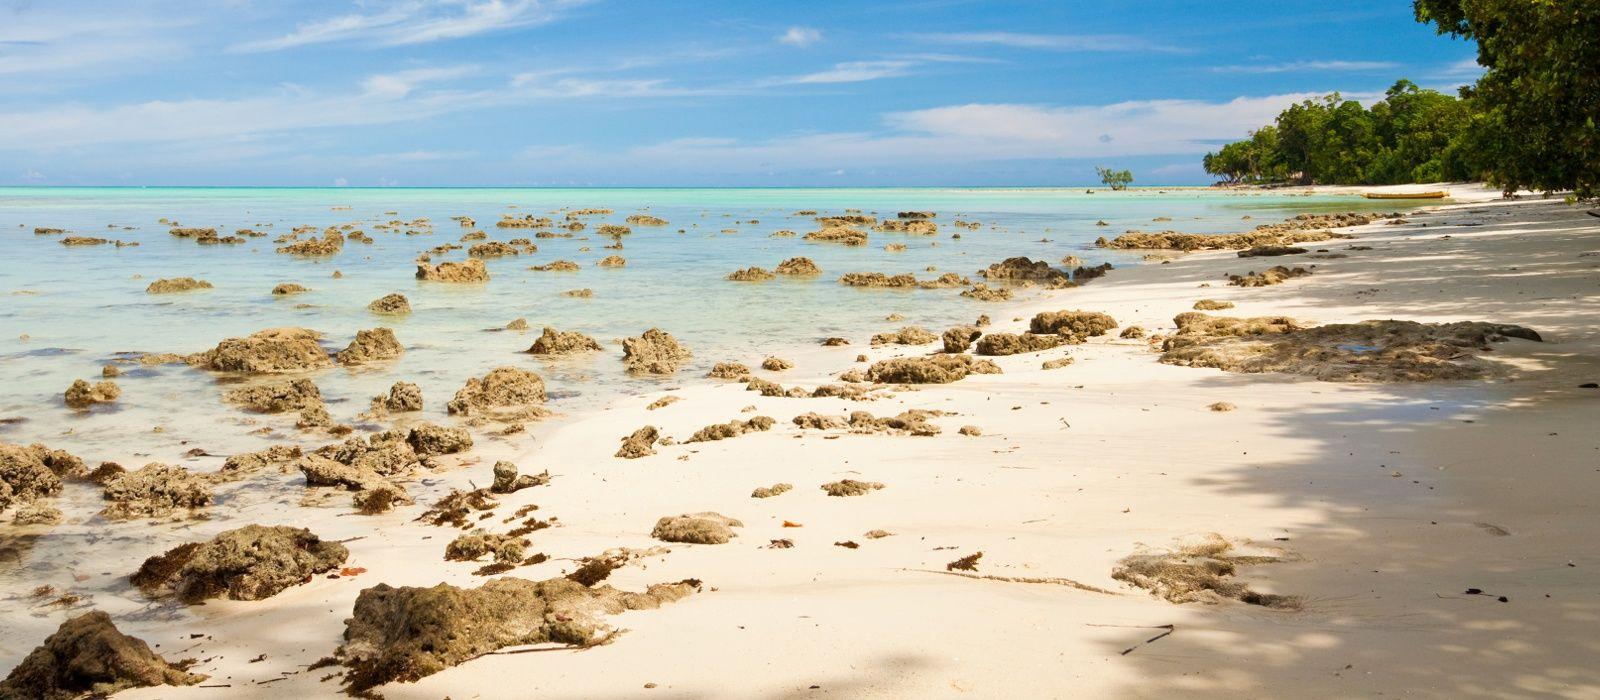 Destination Andaman Islands Islands & Beaches